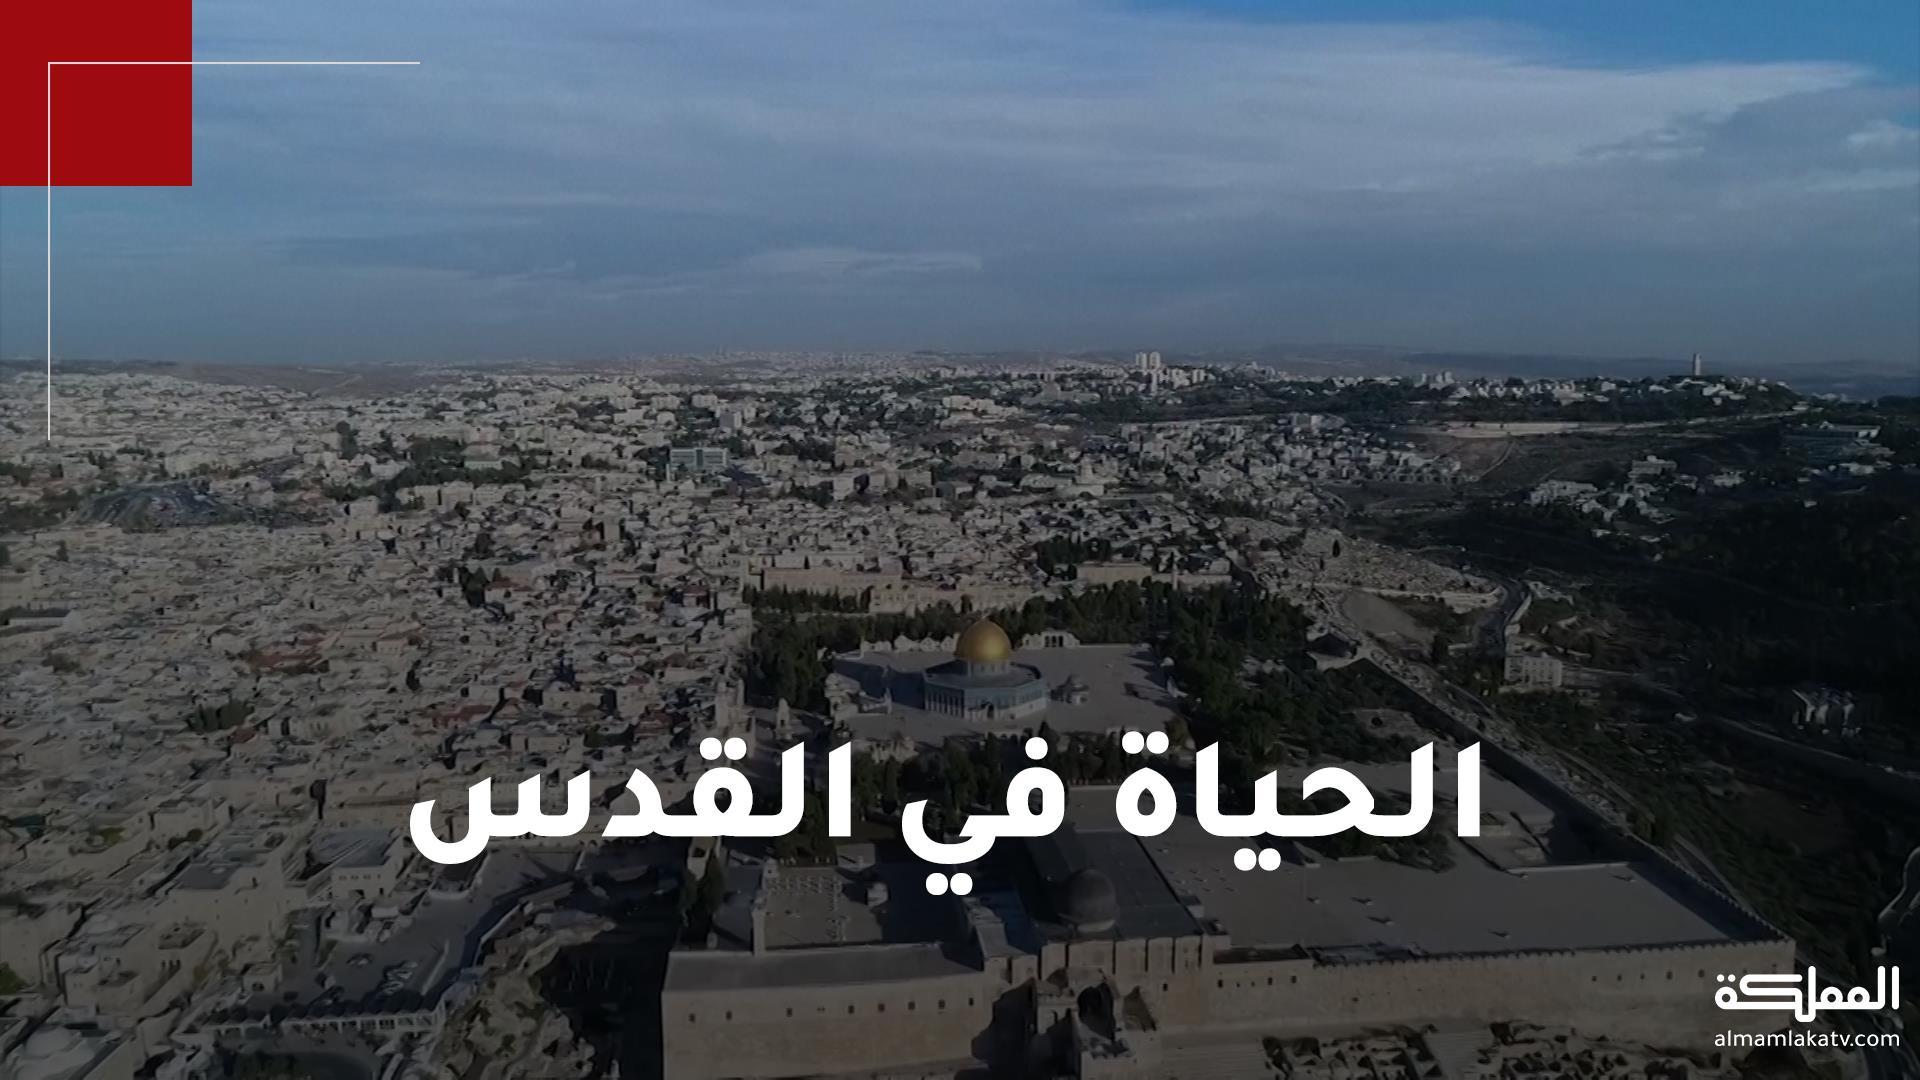 من السماء والأرض.. مشاهد توثق الحياة اليومية في مدينة القدس المحتلة